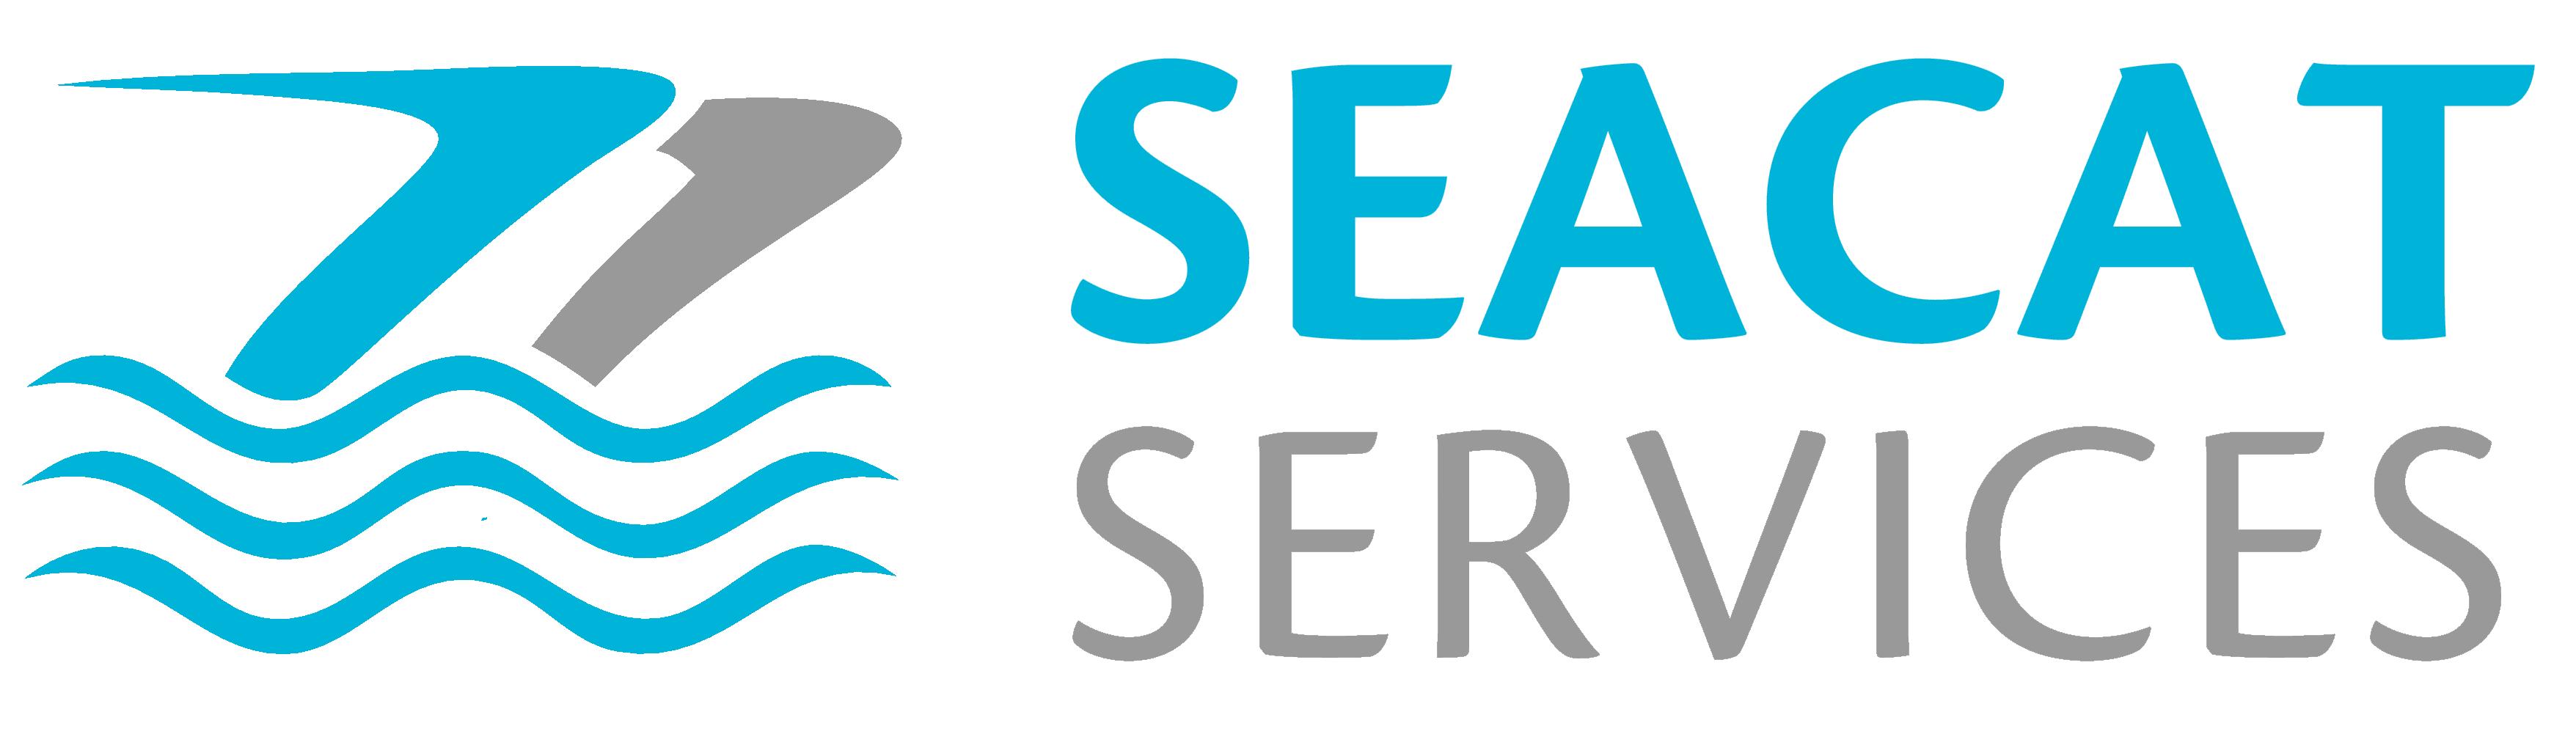 Seacat Services Logo